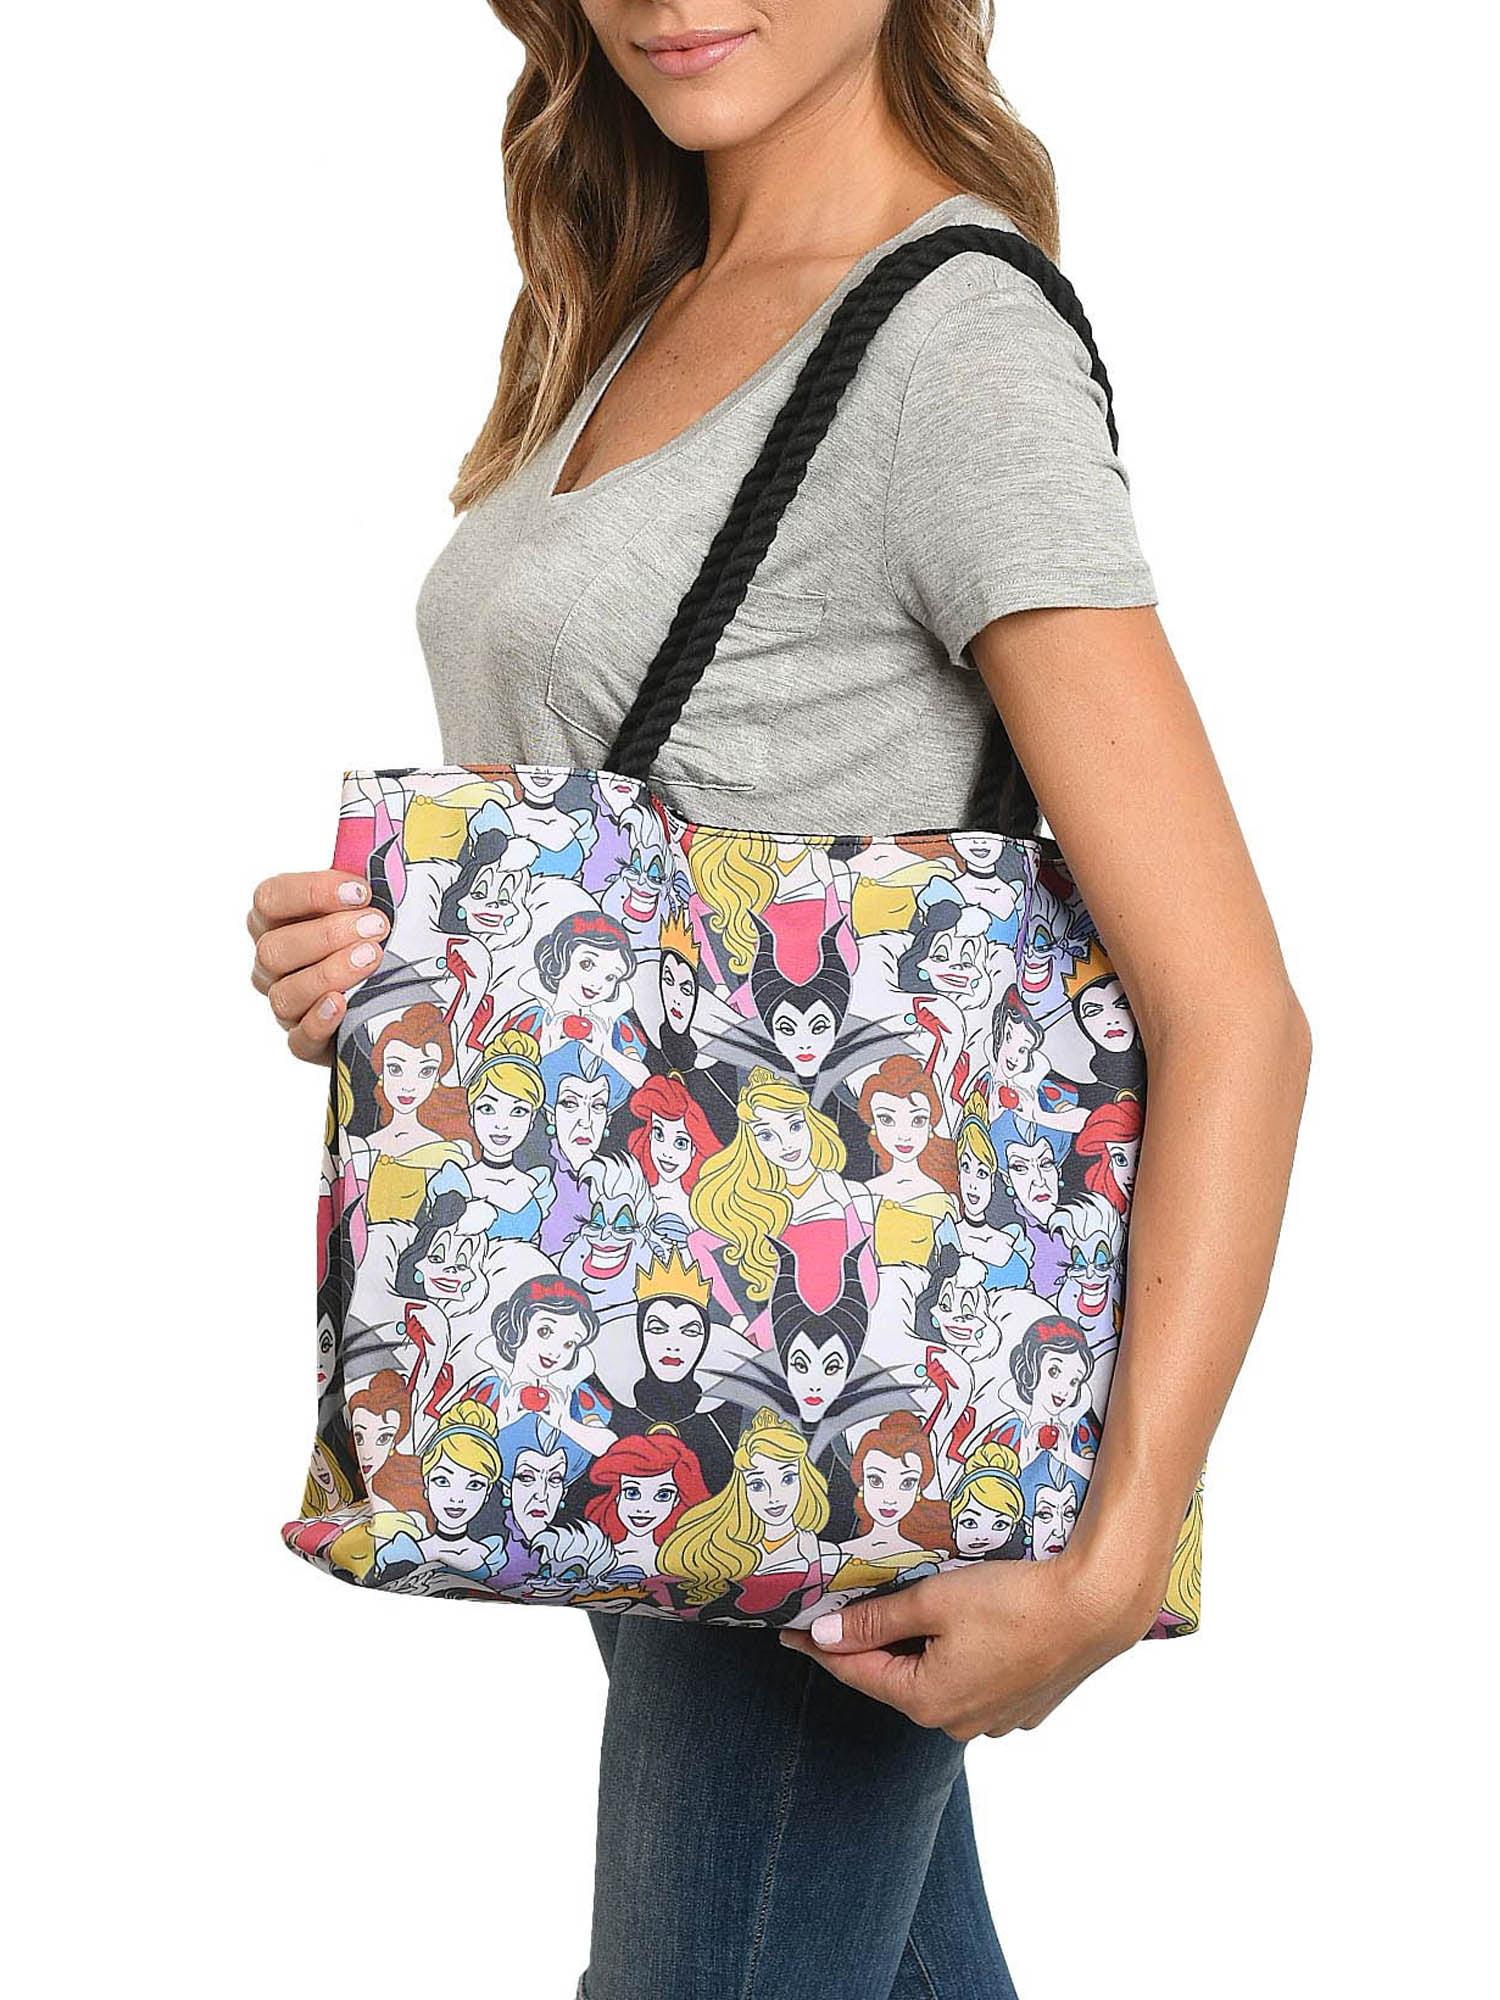 Tote Disney Villains Cruella Malificent Ursulla shopping tote book bag 3 available